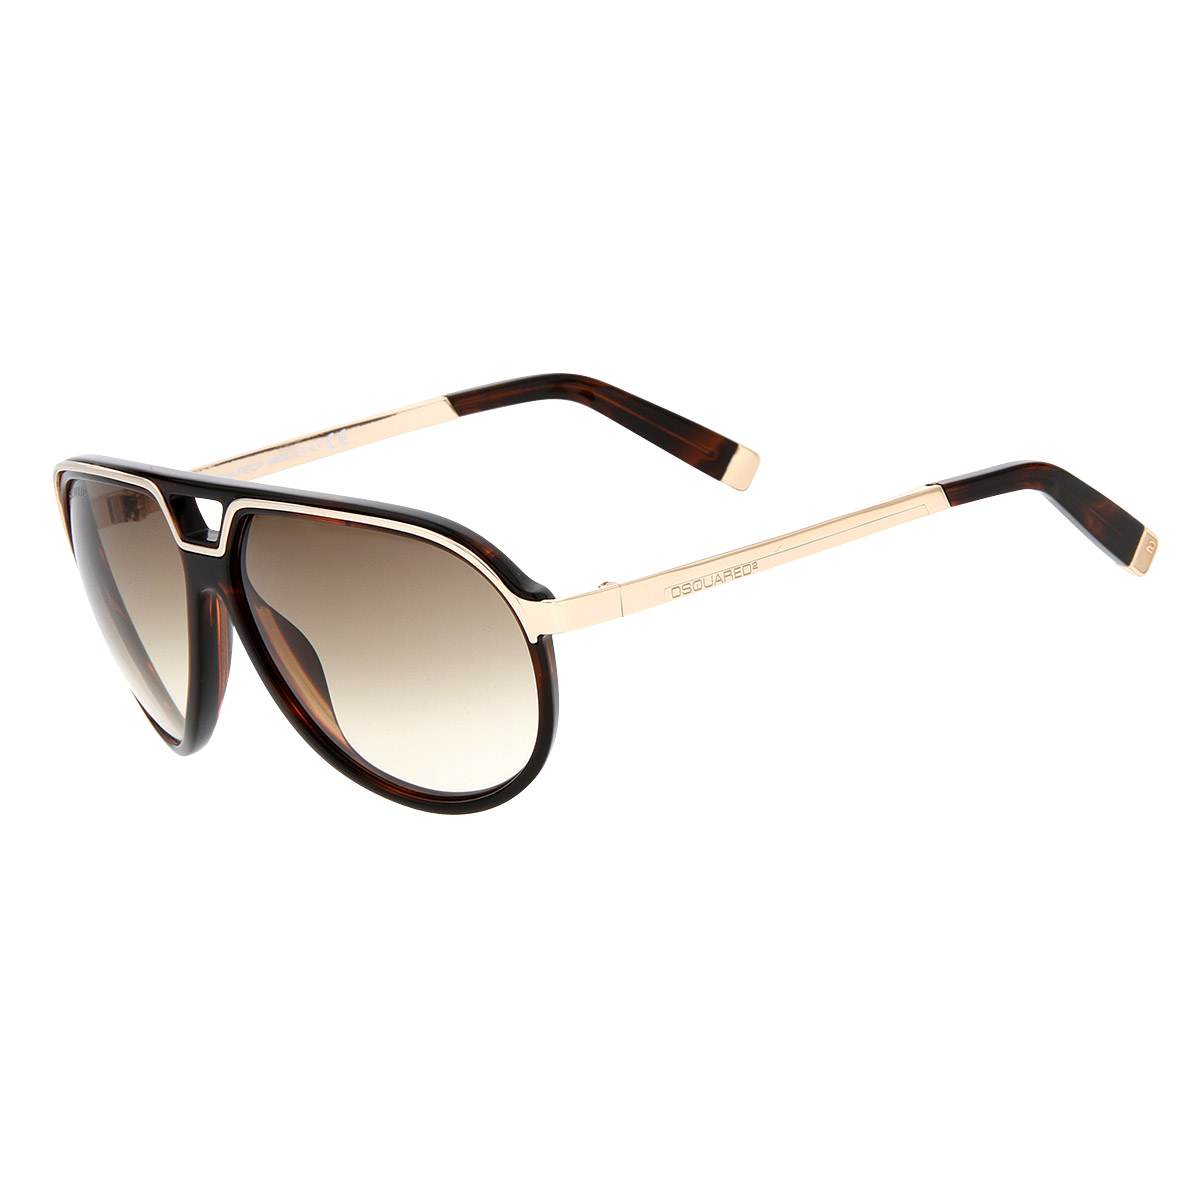 Dsquared Sunglasses 2016   David Simchi-Levi afb65c1d0b27